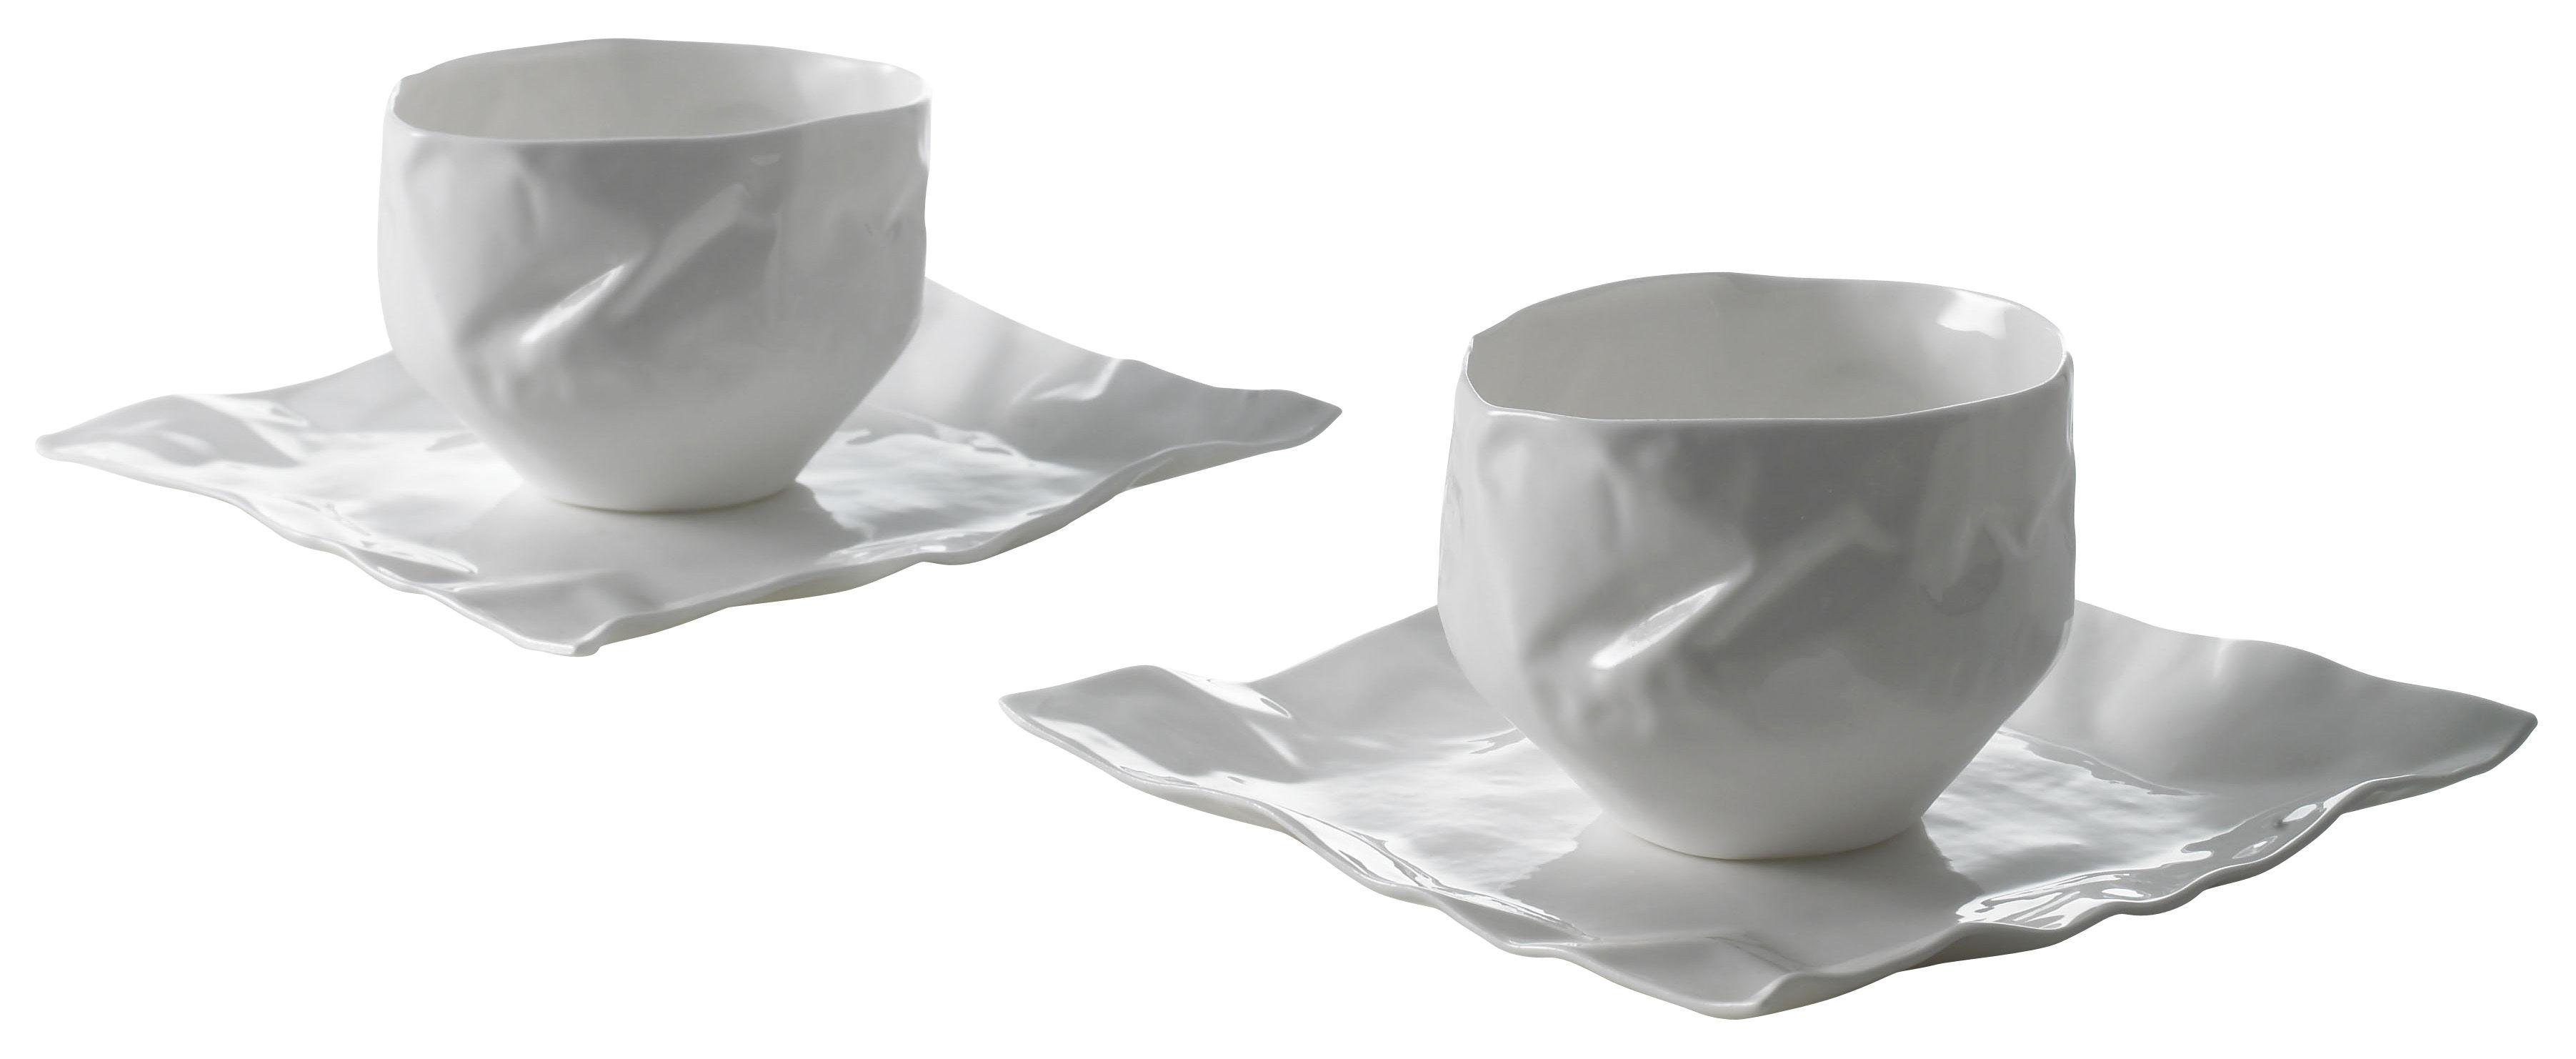 Tavola - Tazze e Boccali - Servizio di piatti Adelaïde XIV - Set 2 tazze + 2 piattini di Driade Kosmo - Bianco - Porcellana Bone China